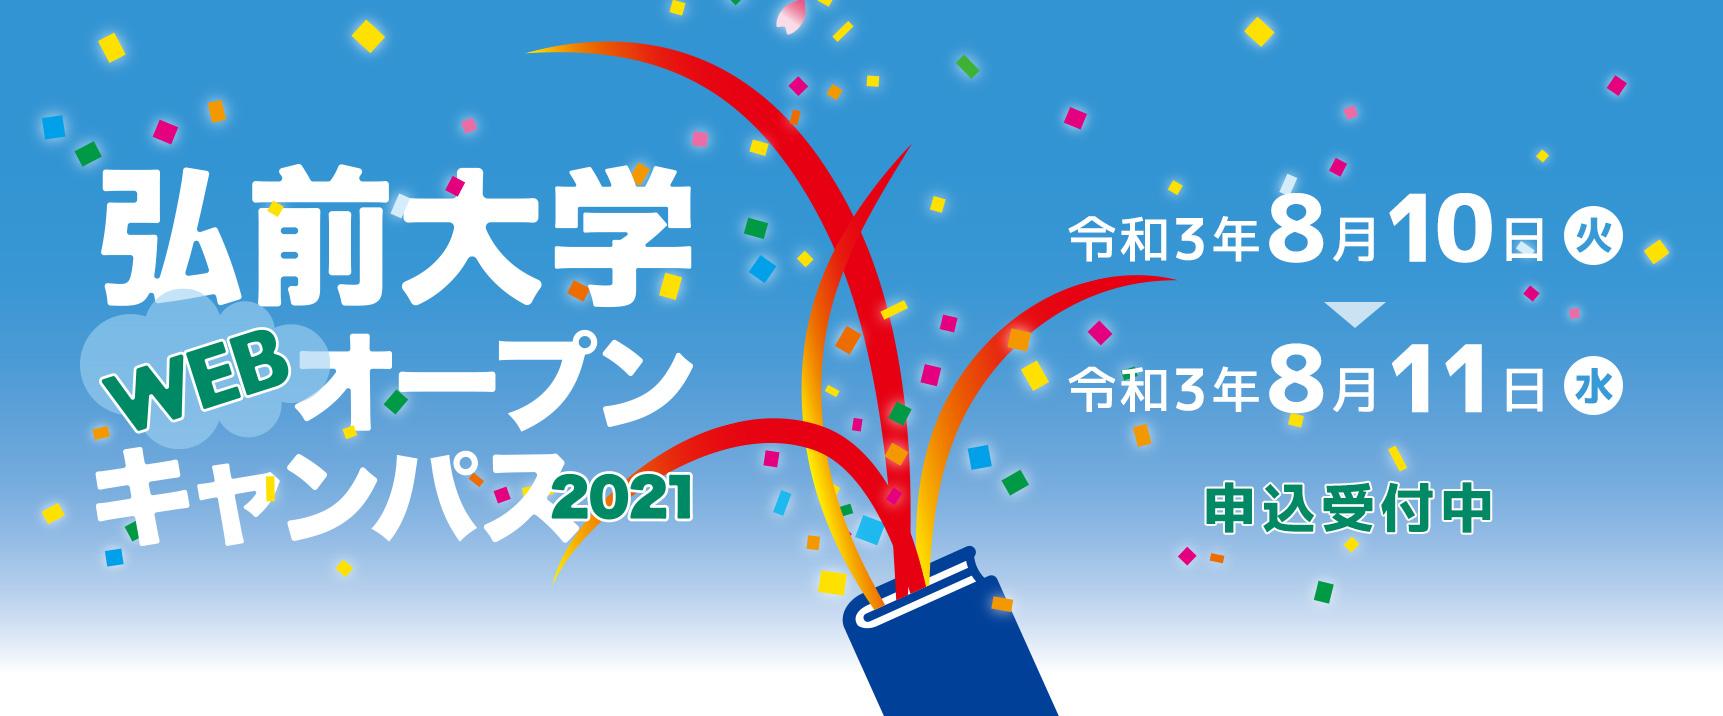 弘前大学WEBオープンキャンパス2021 8/10-11